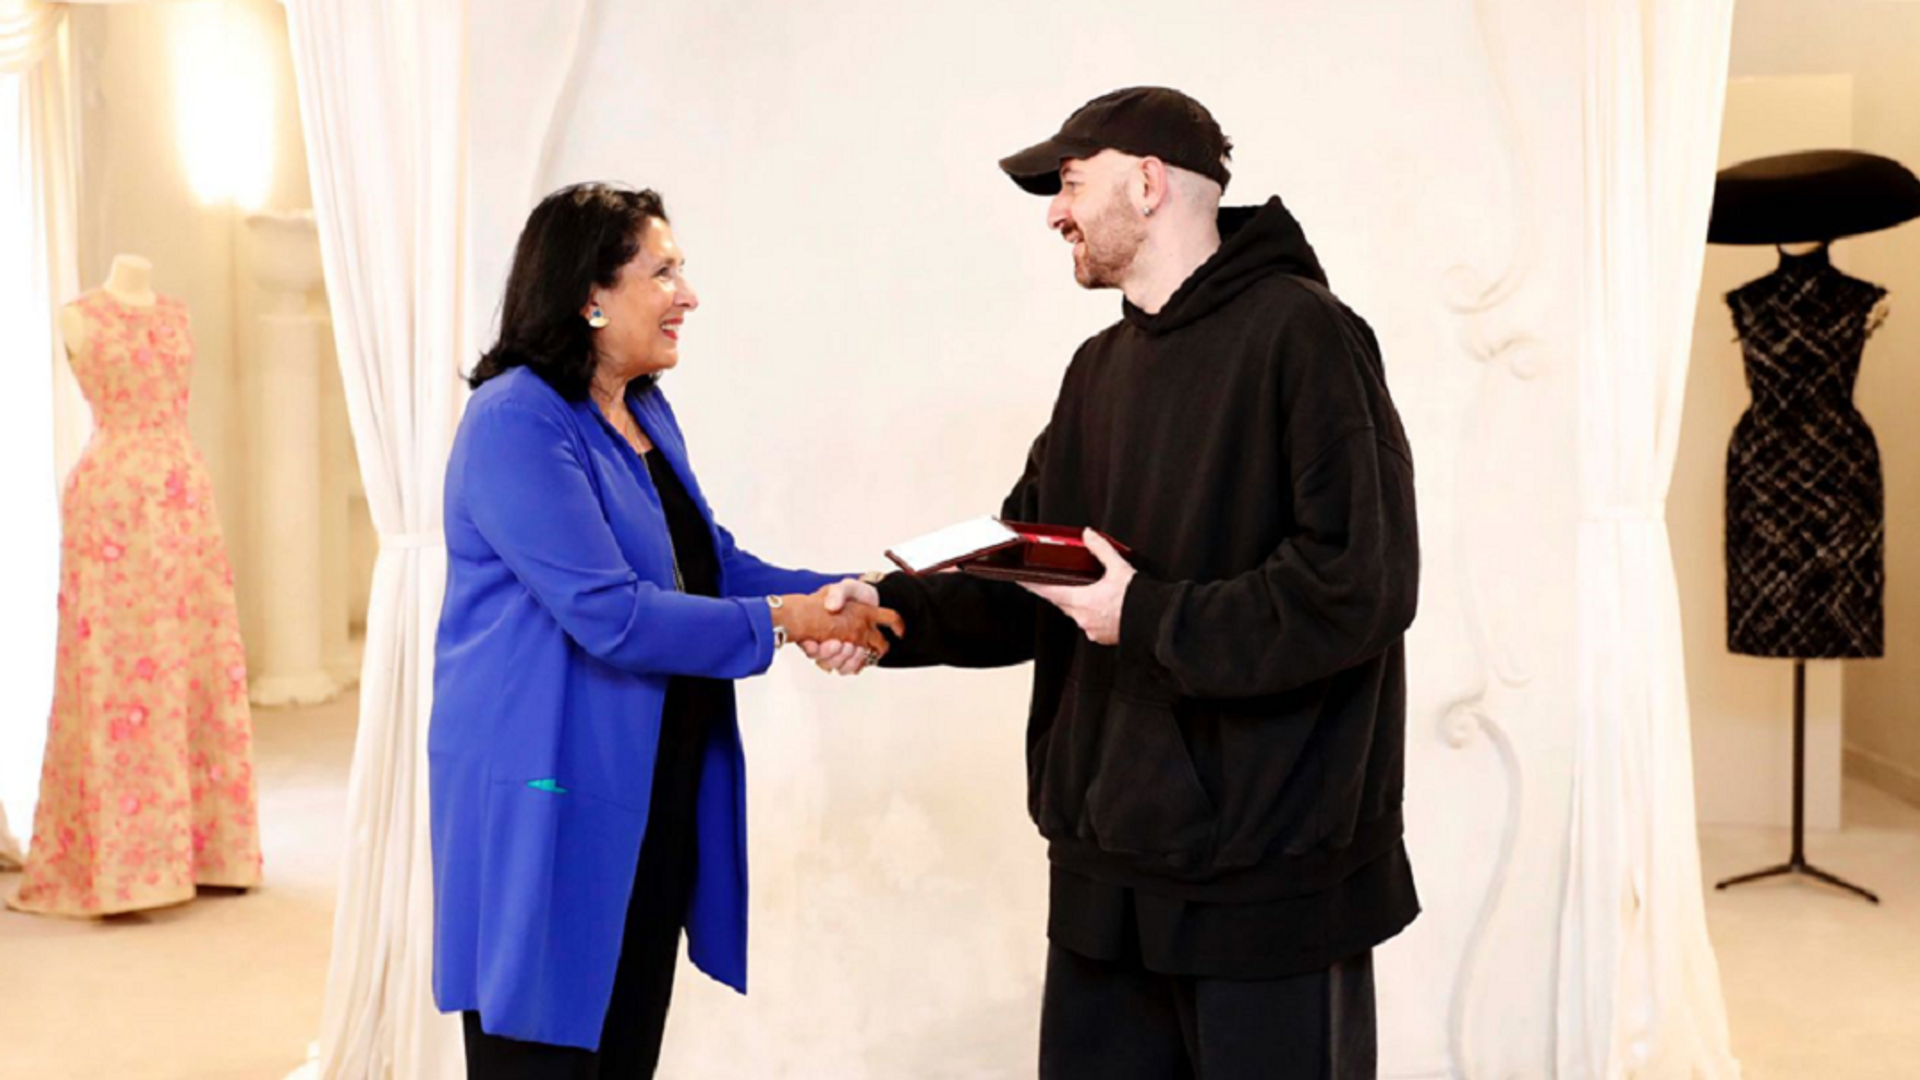 Президент Грузии Саломе Зурабишвили наградила Медалью Чести Демну Гвасалия - Sputnik Грузия, 1920, 27.09.2021